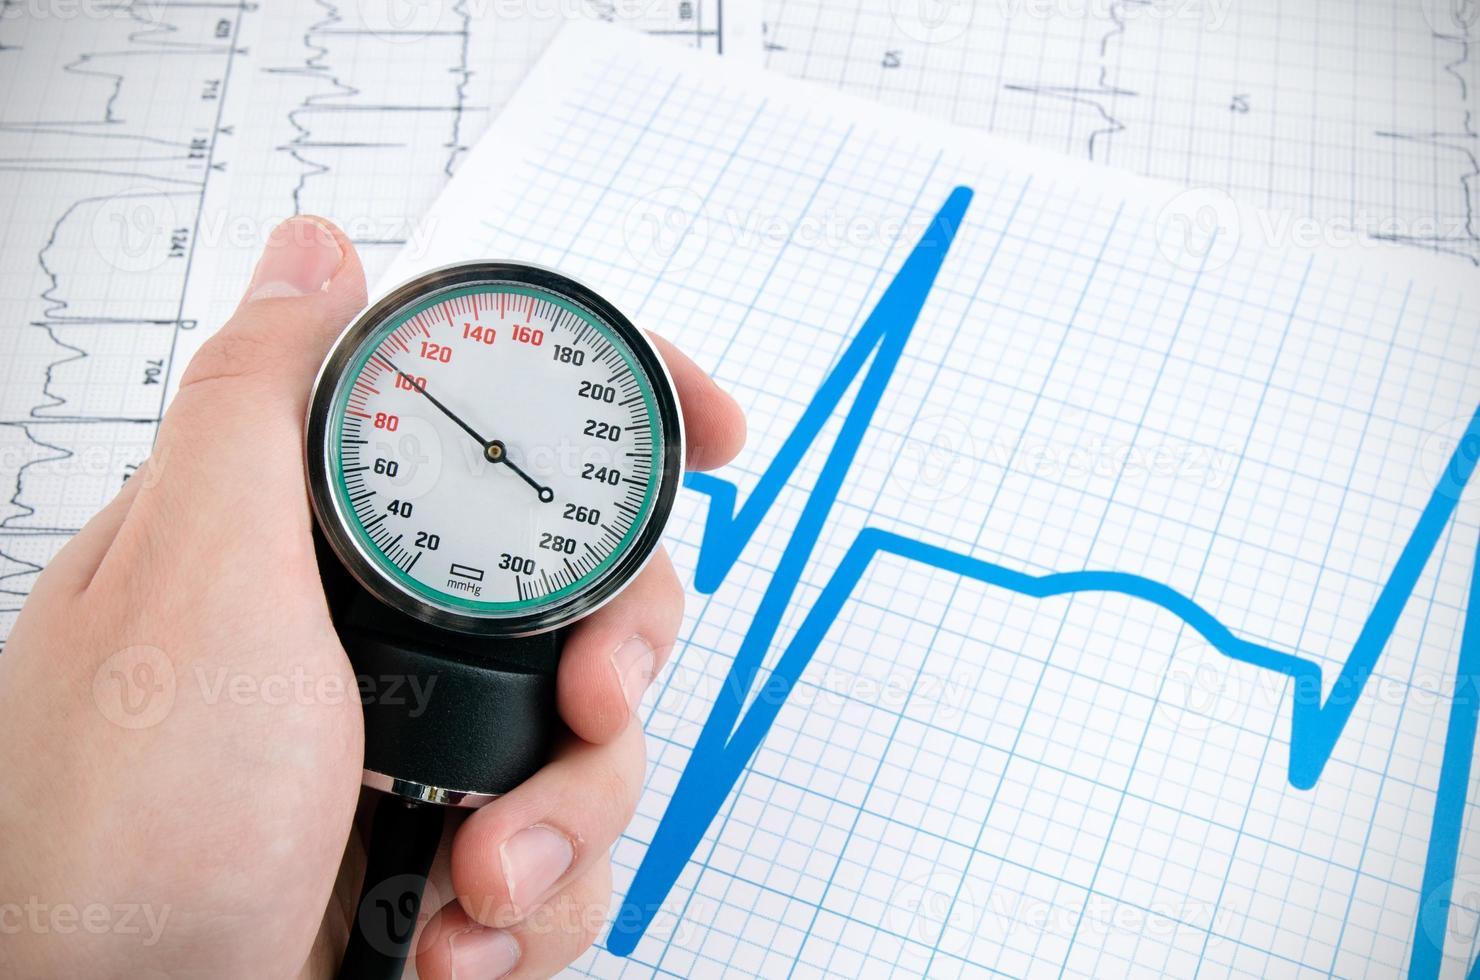 Blutdruckmessgerät auf medizinischem Hintergrund foto